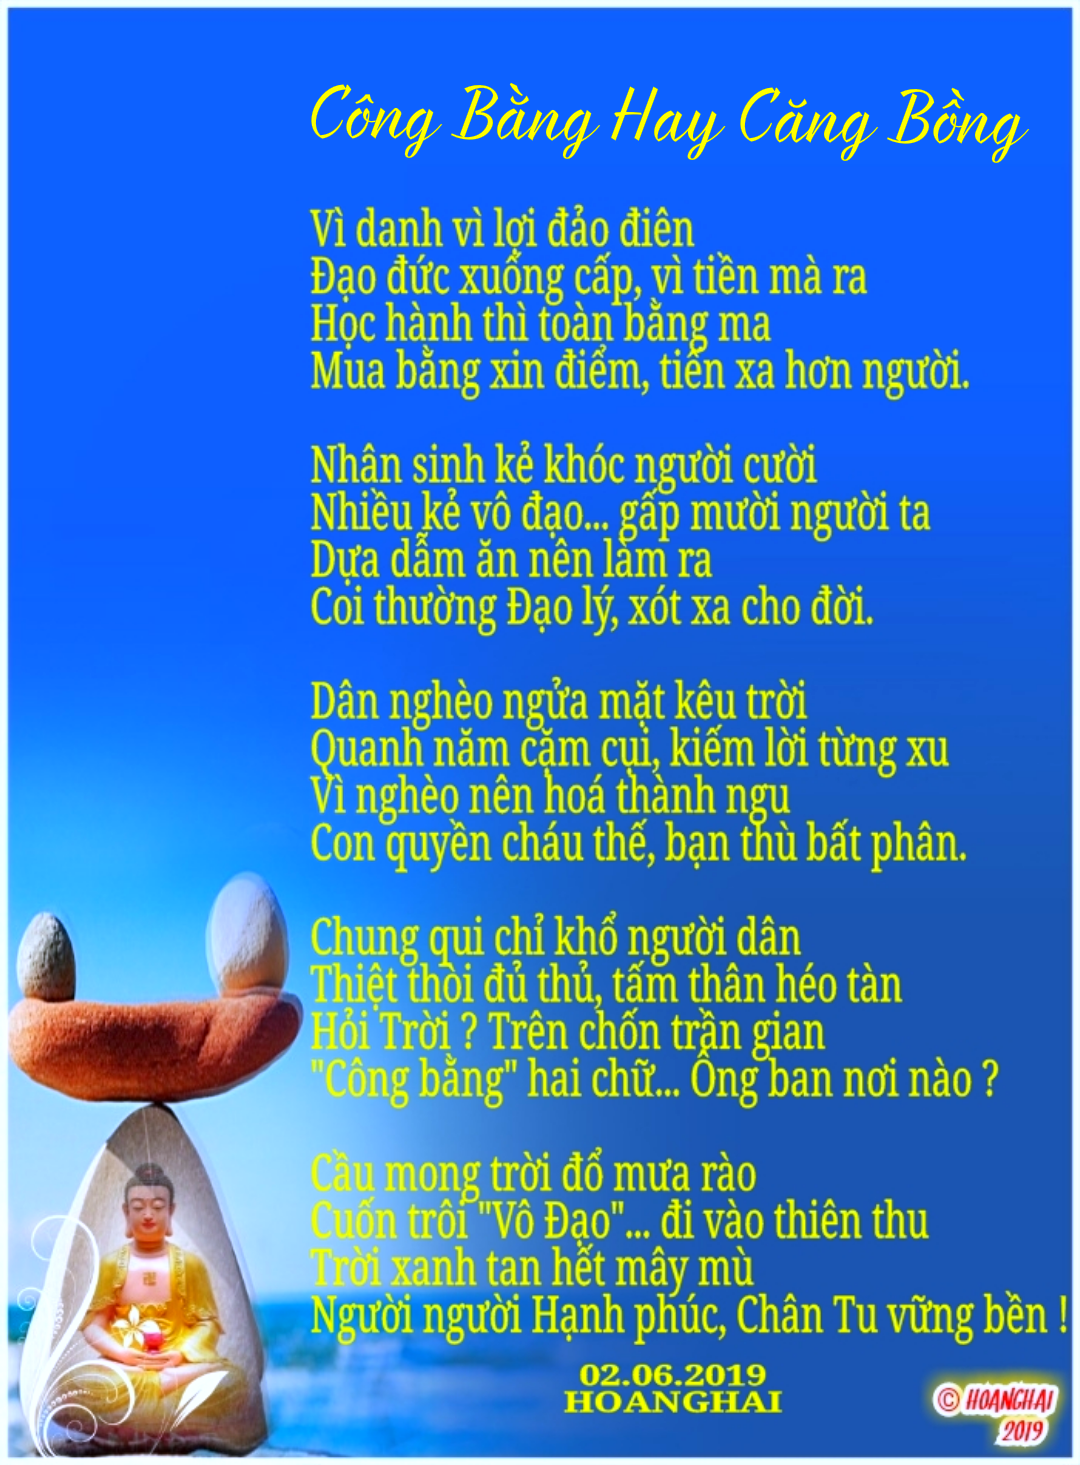 Công Bằng Hay Căng Bồng